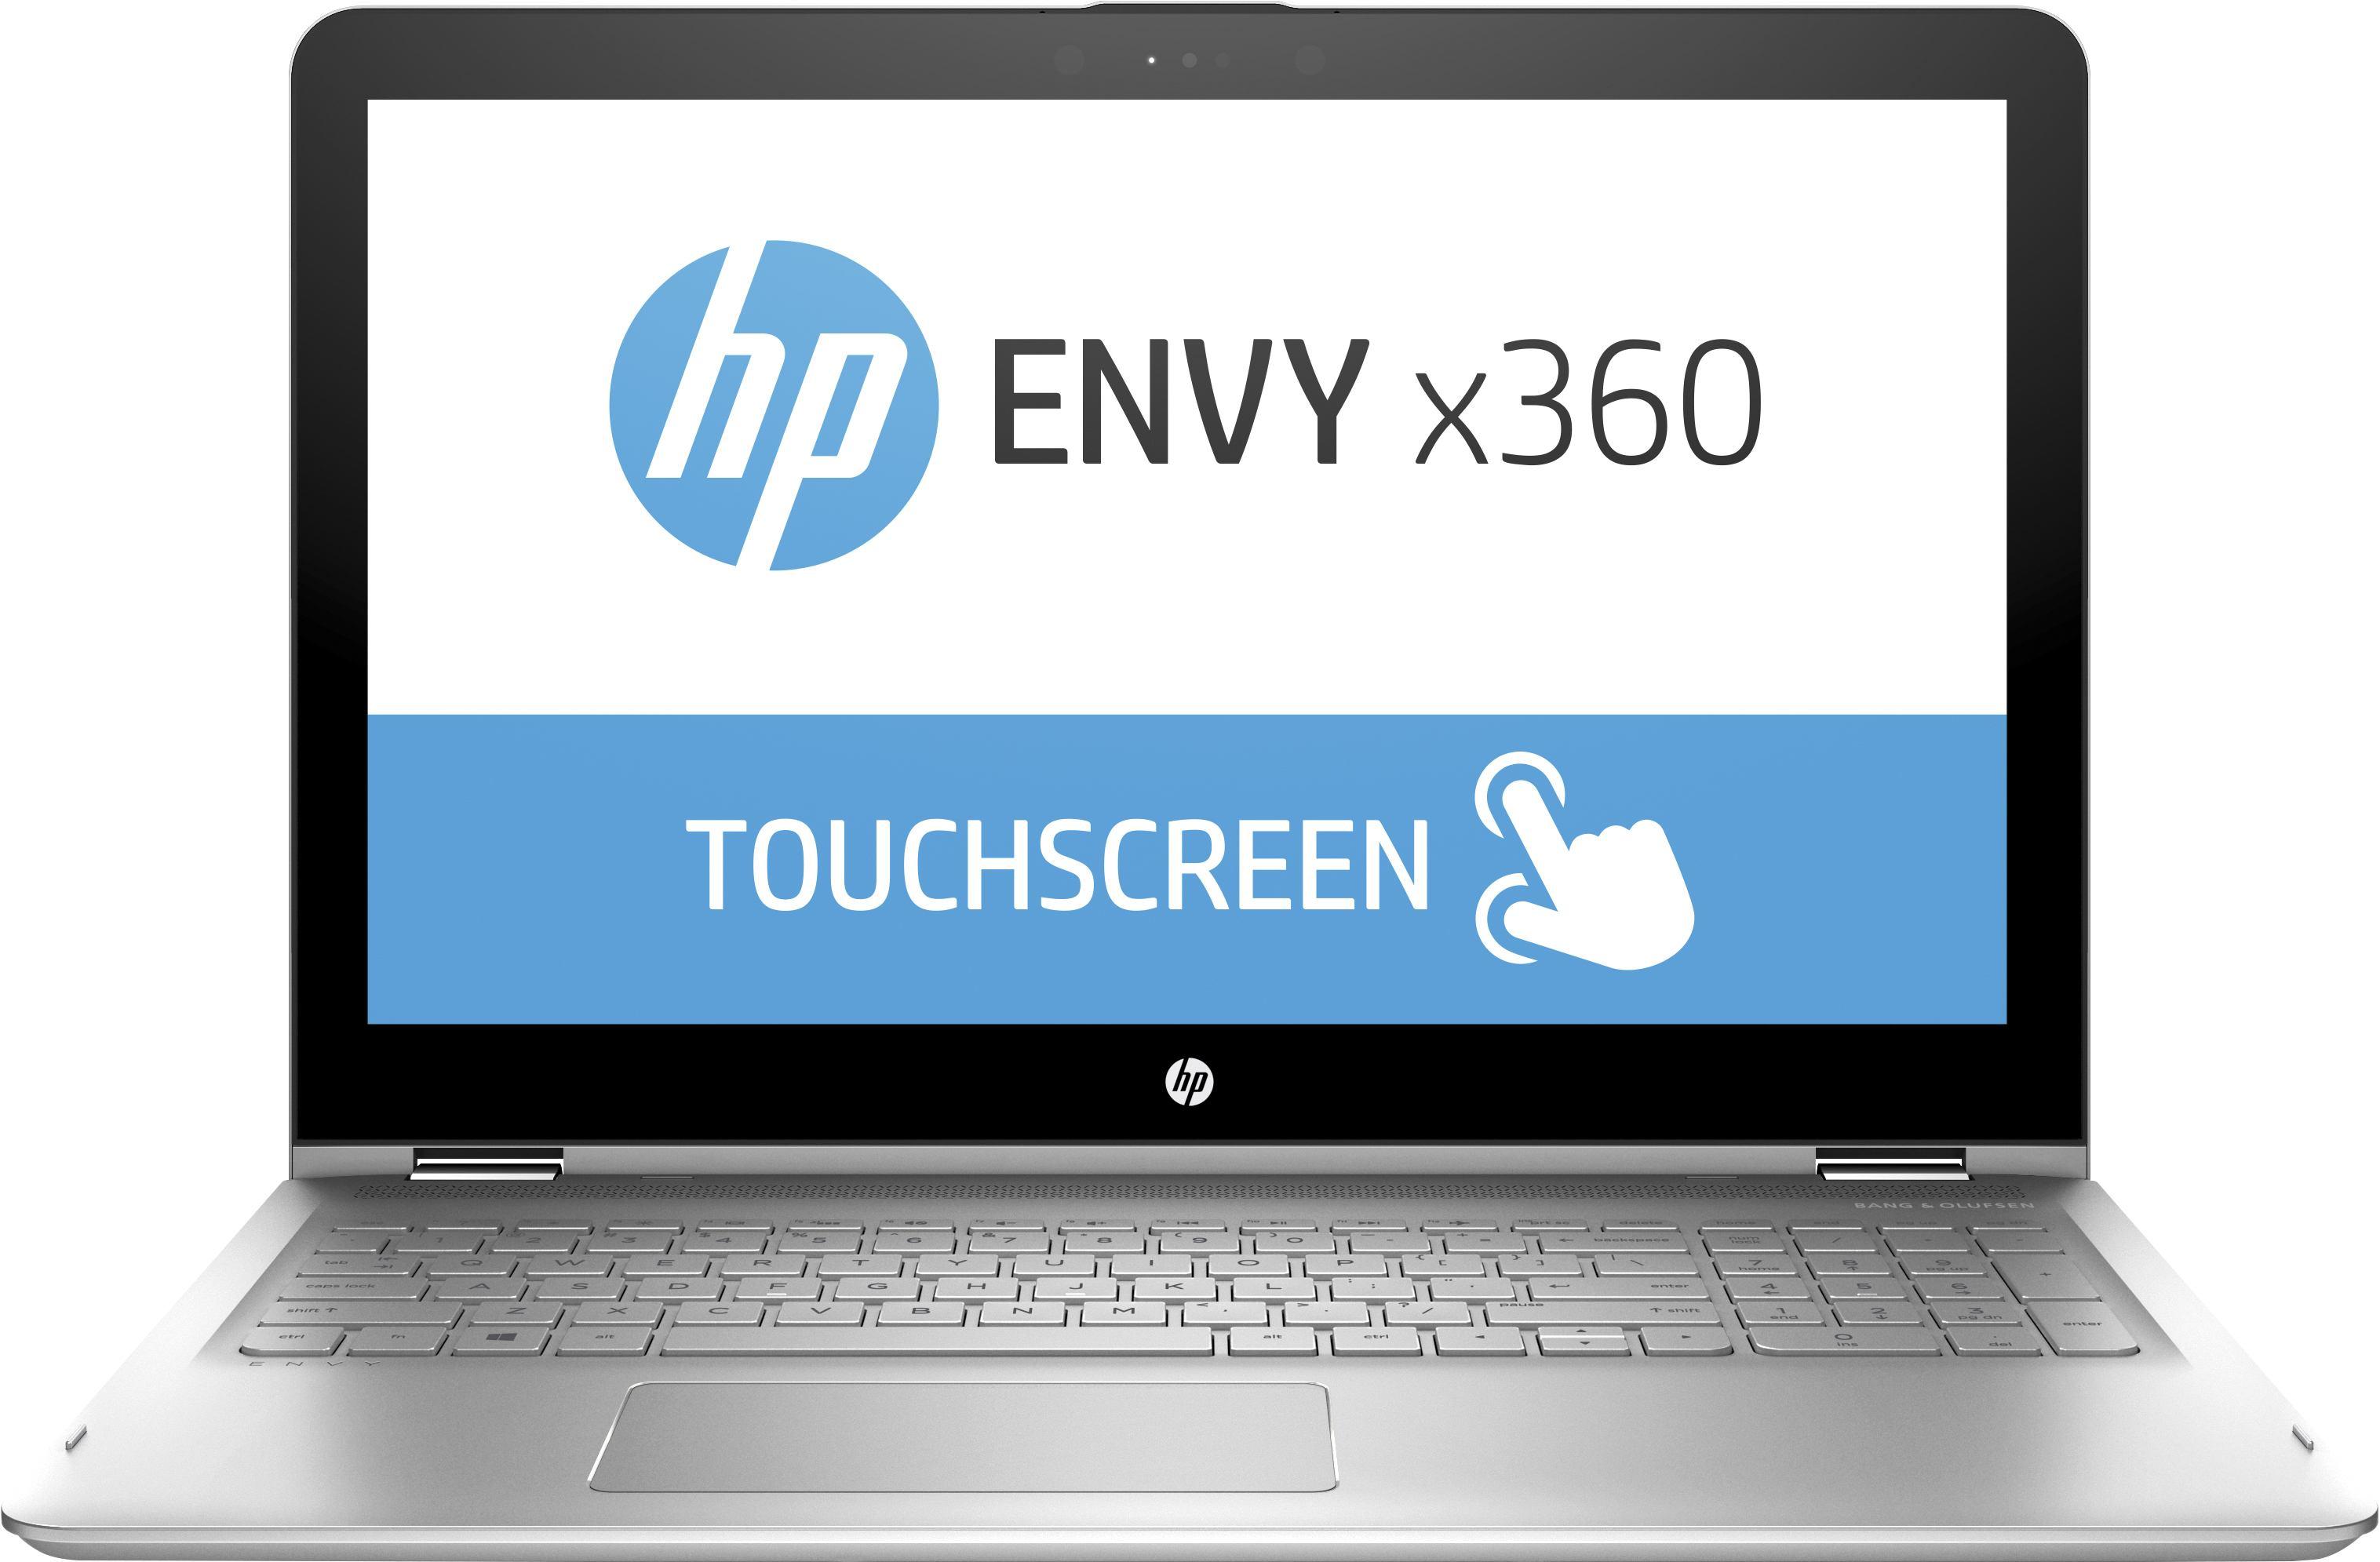 HP F4B11EA - HP ENVY x360 - 15-aq055na [ENERGY STAR]